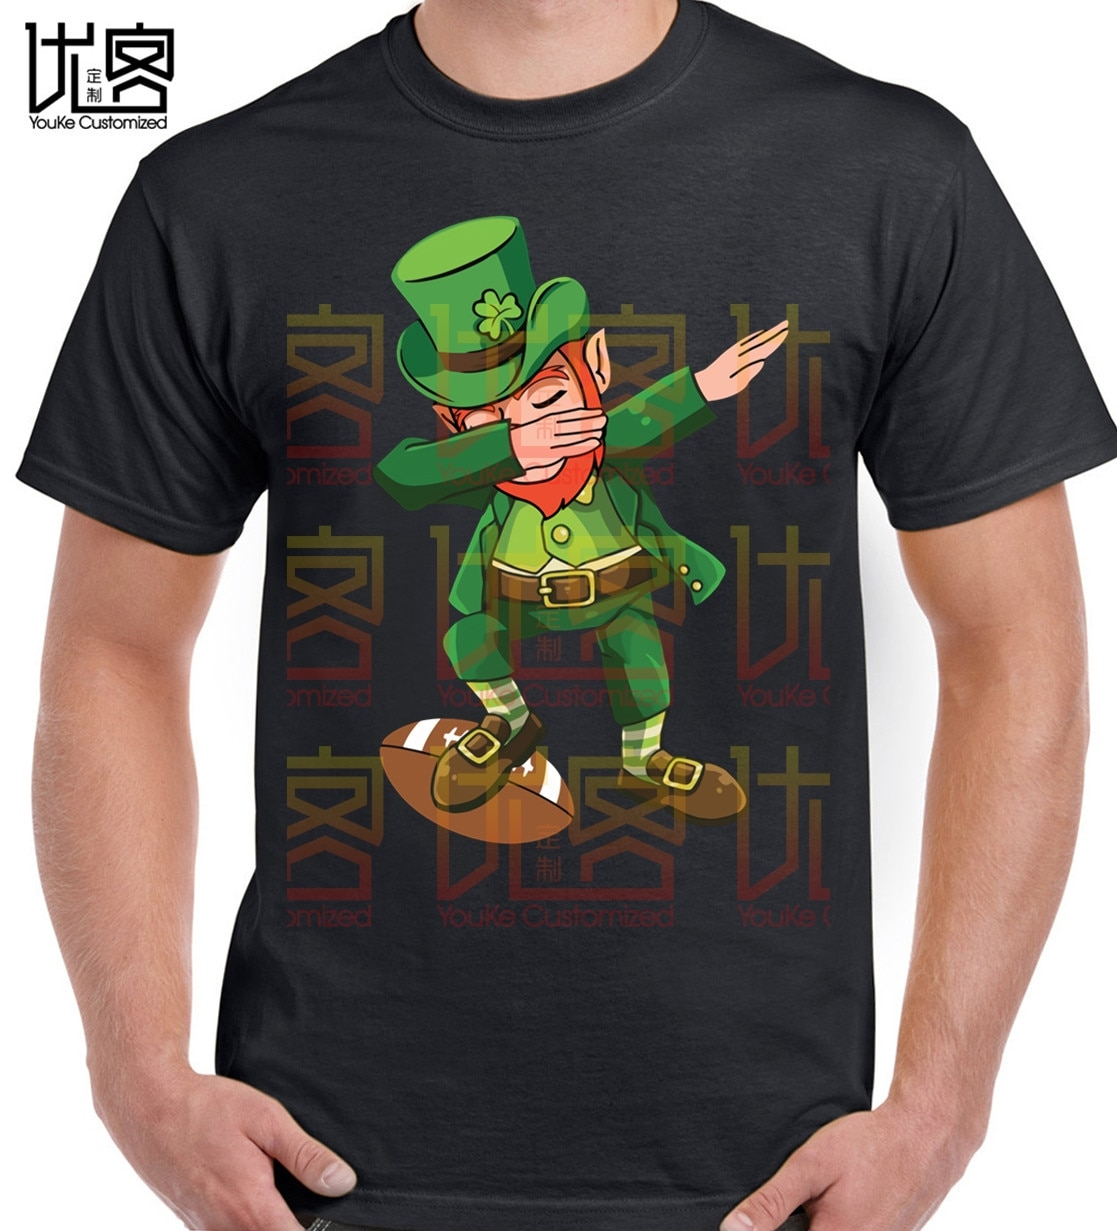 Gran venta verde Irlanda Leprechaun Dabbing camisa de baile Rugbys 90s Cartoon camiseta de hombres nueva moda Hip Hop Camiseta Grande